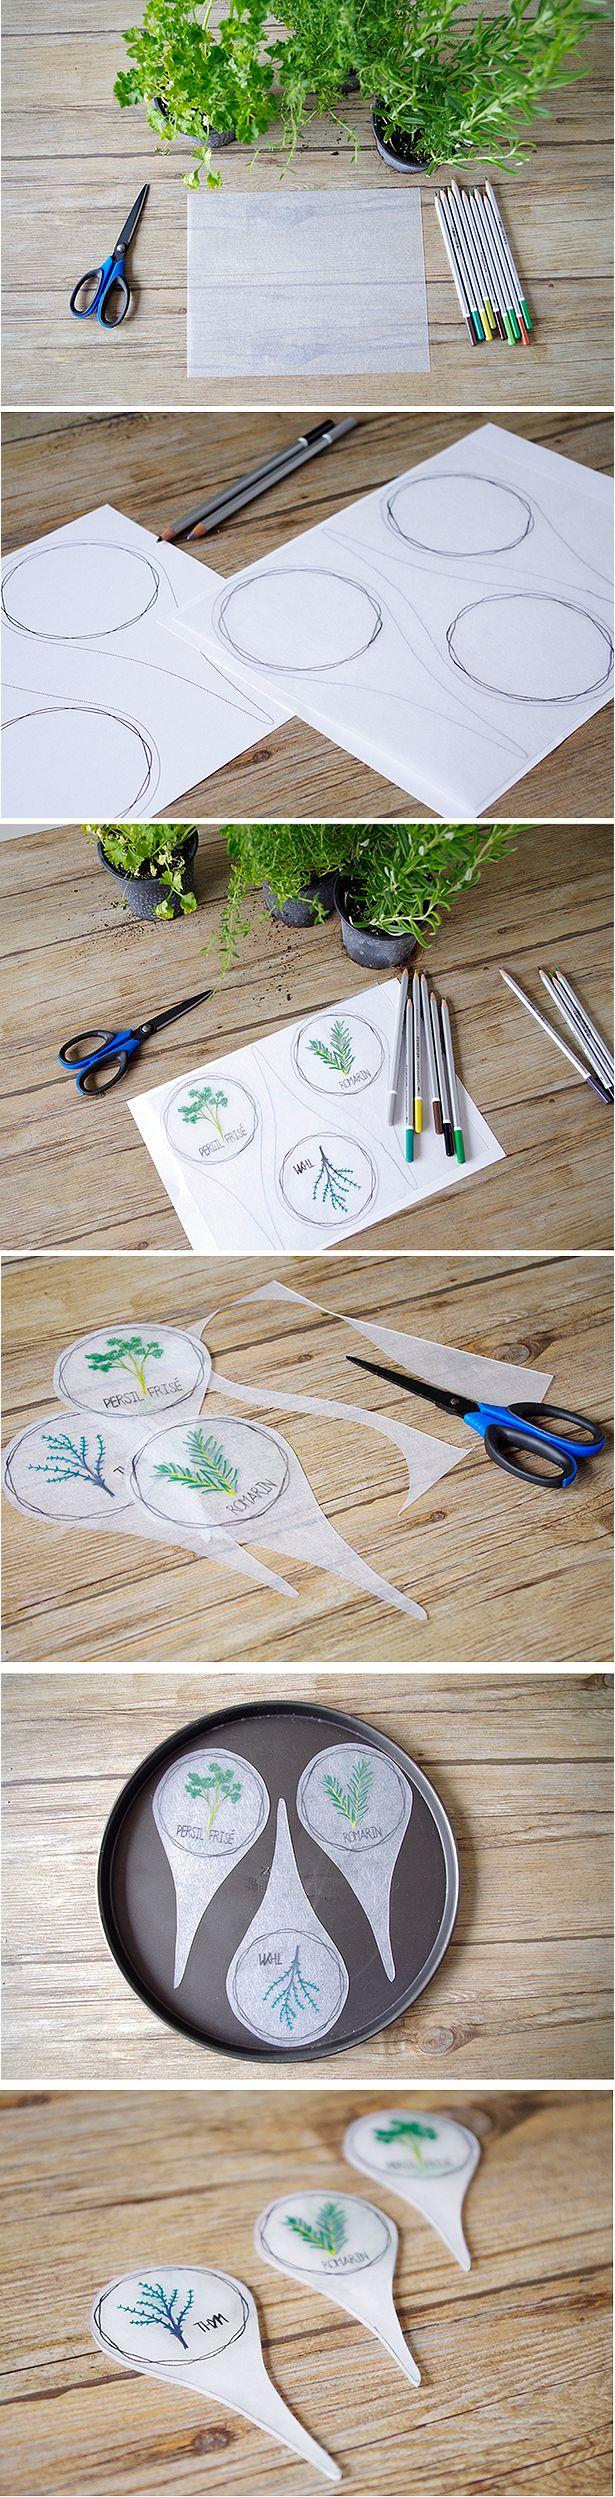 {DIY} Des jolis porte nom pour mes plantes Aromatiques - http://www.atelierfeteunique.com/